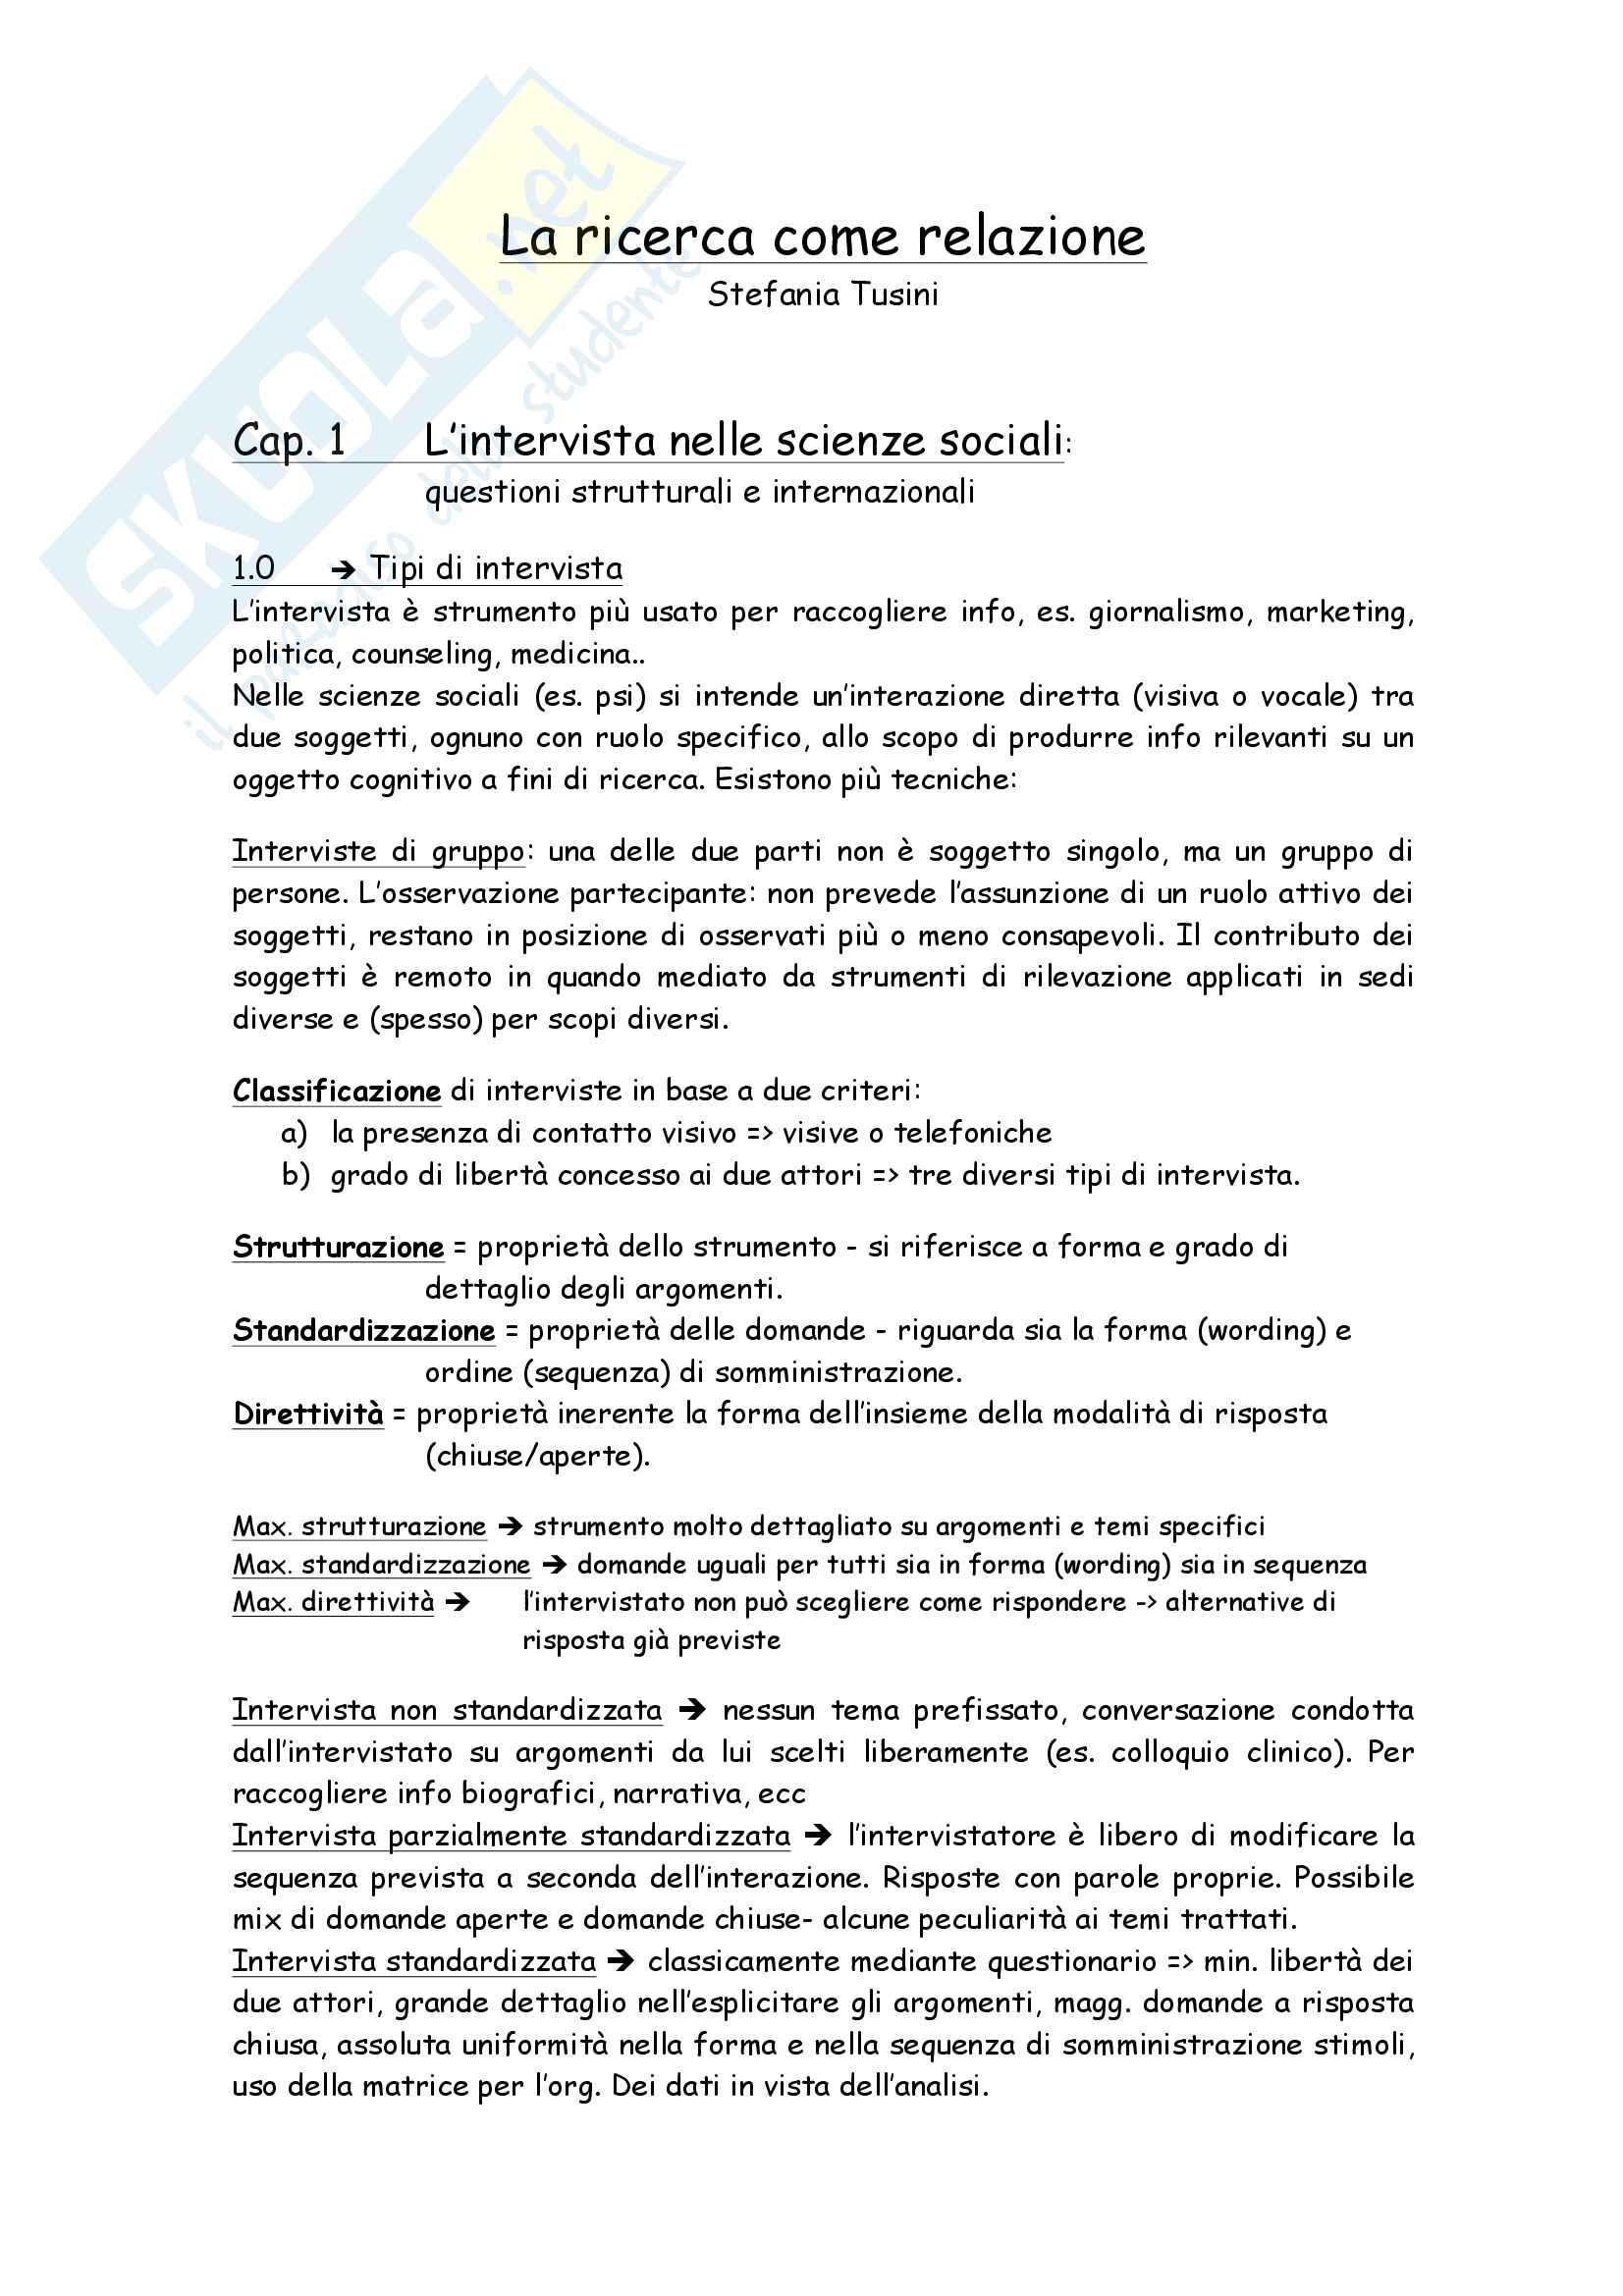 Riassunto esame Metodi e tec. dell'intervista e del questionario, docente Barni, libro consigliato  La ricerca come relazione di S. Tunisi